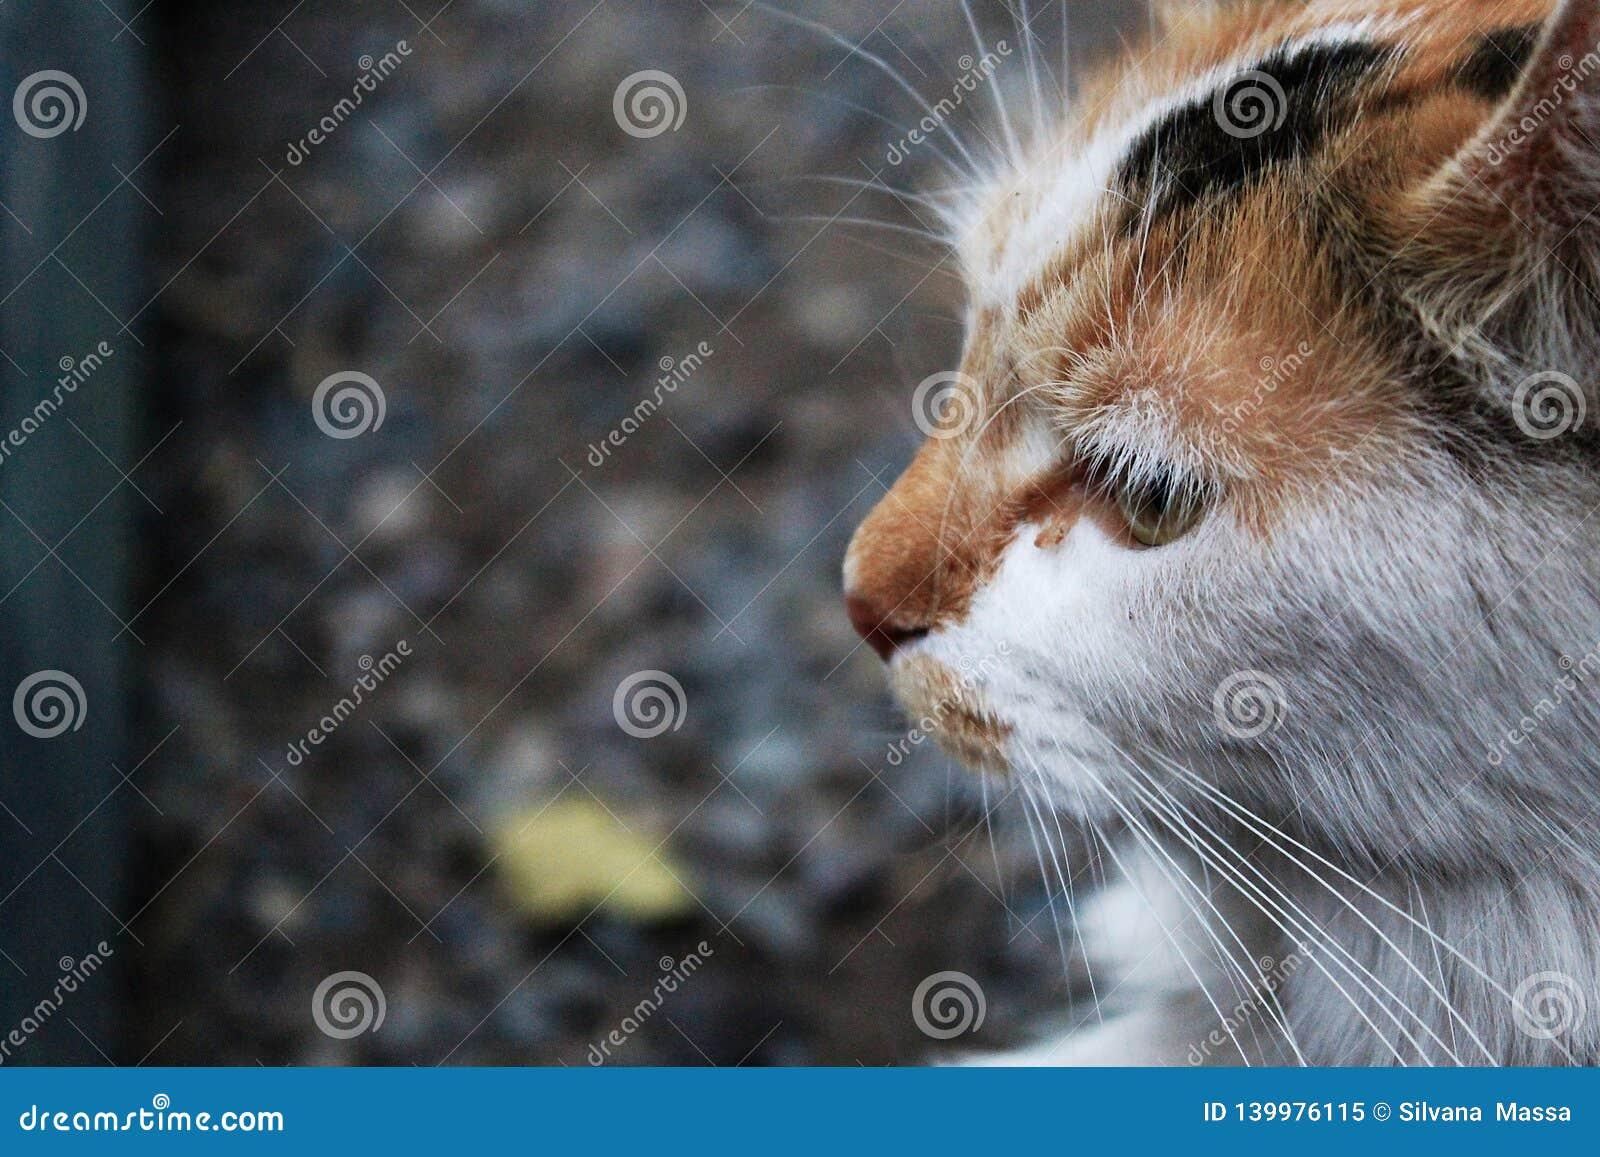 För pottpäls för katt djurt tänka för husdjur för framsida